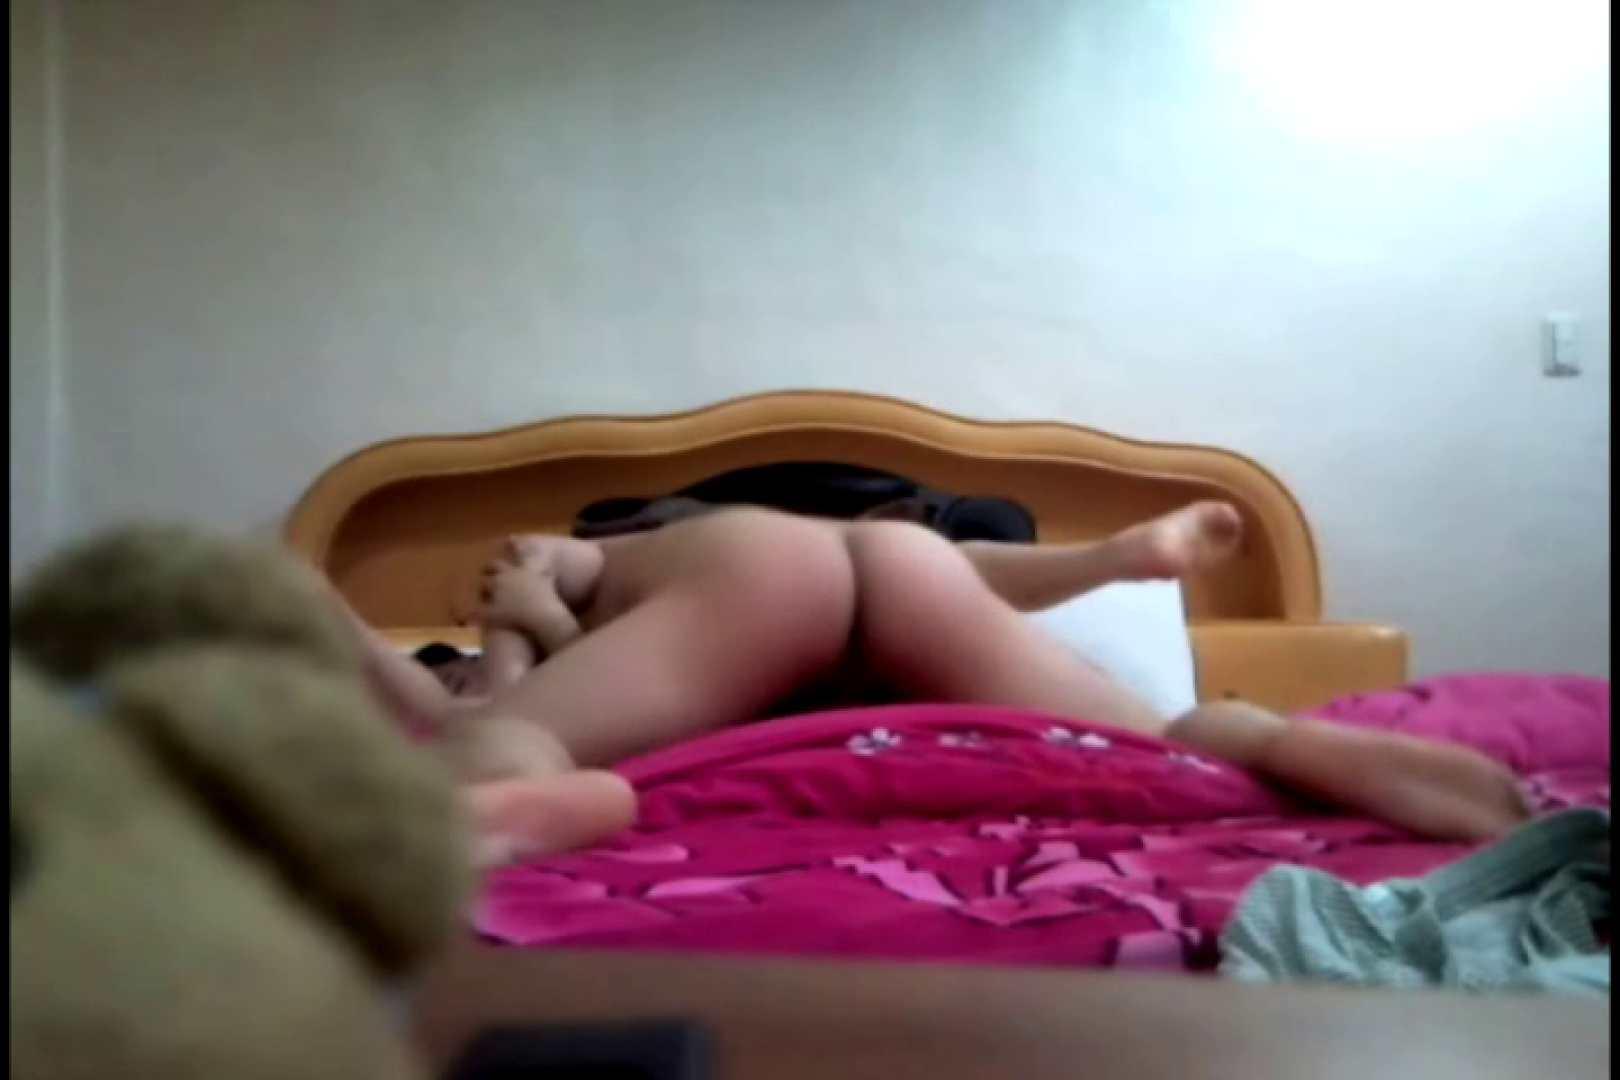 コリアン素人流出シリーズ ラブホテル隠し撮り 素人のぞき のぞき動画キャプチャ 86pic 32